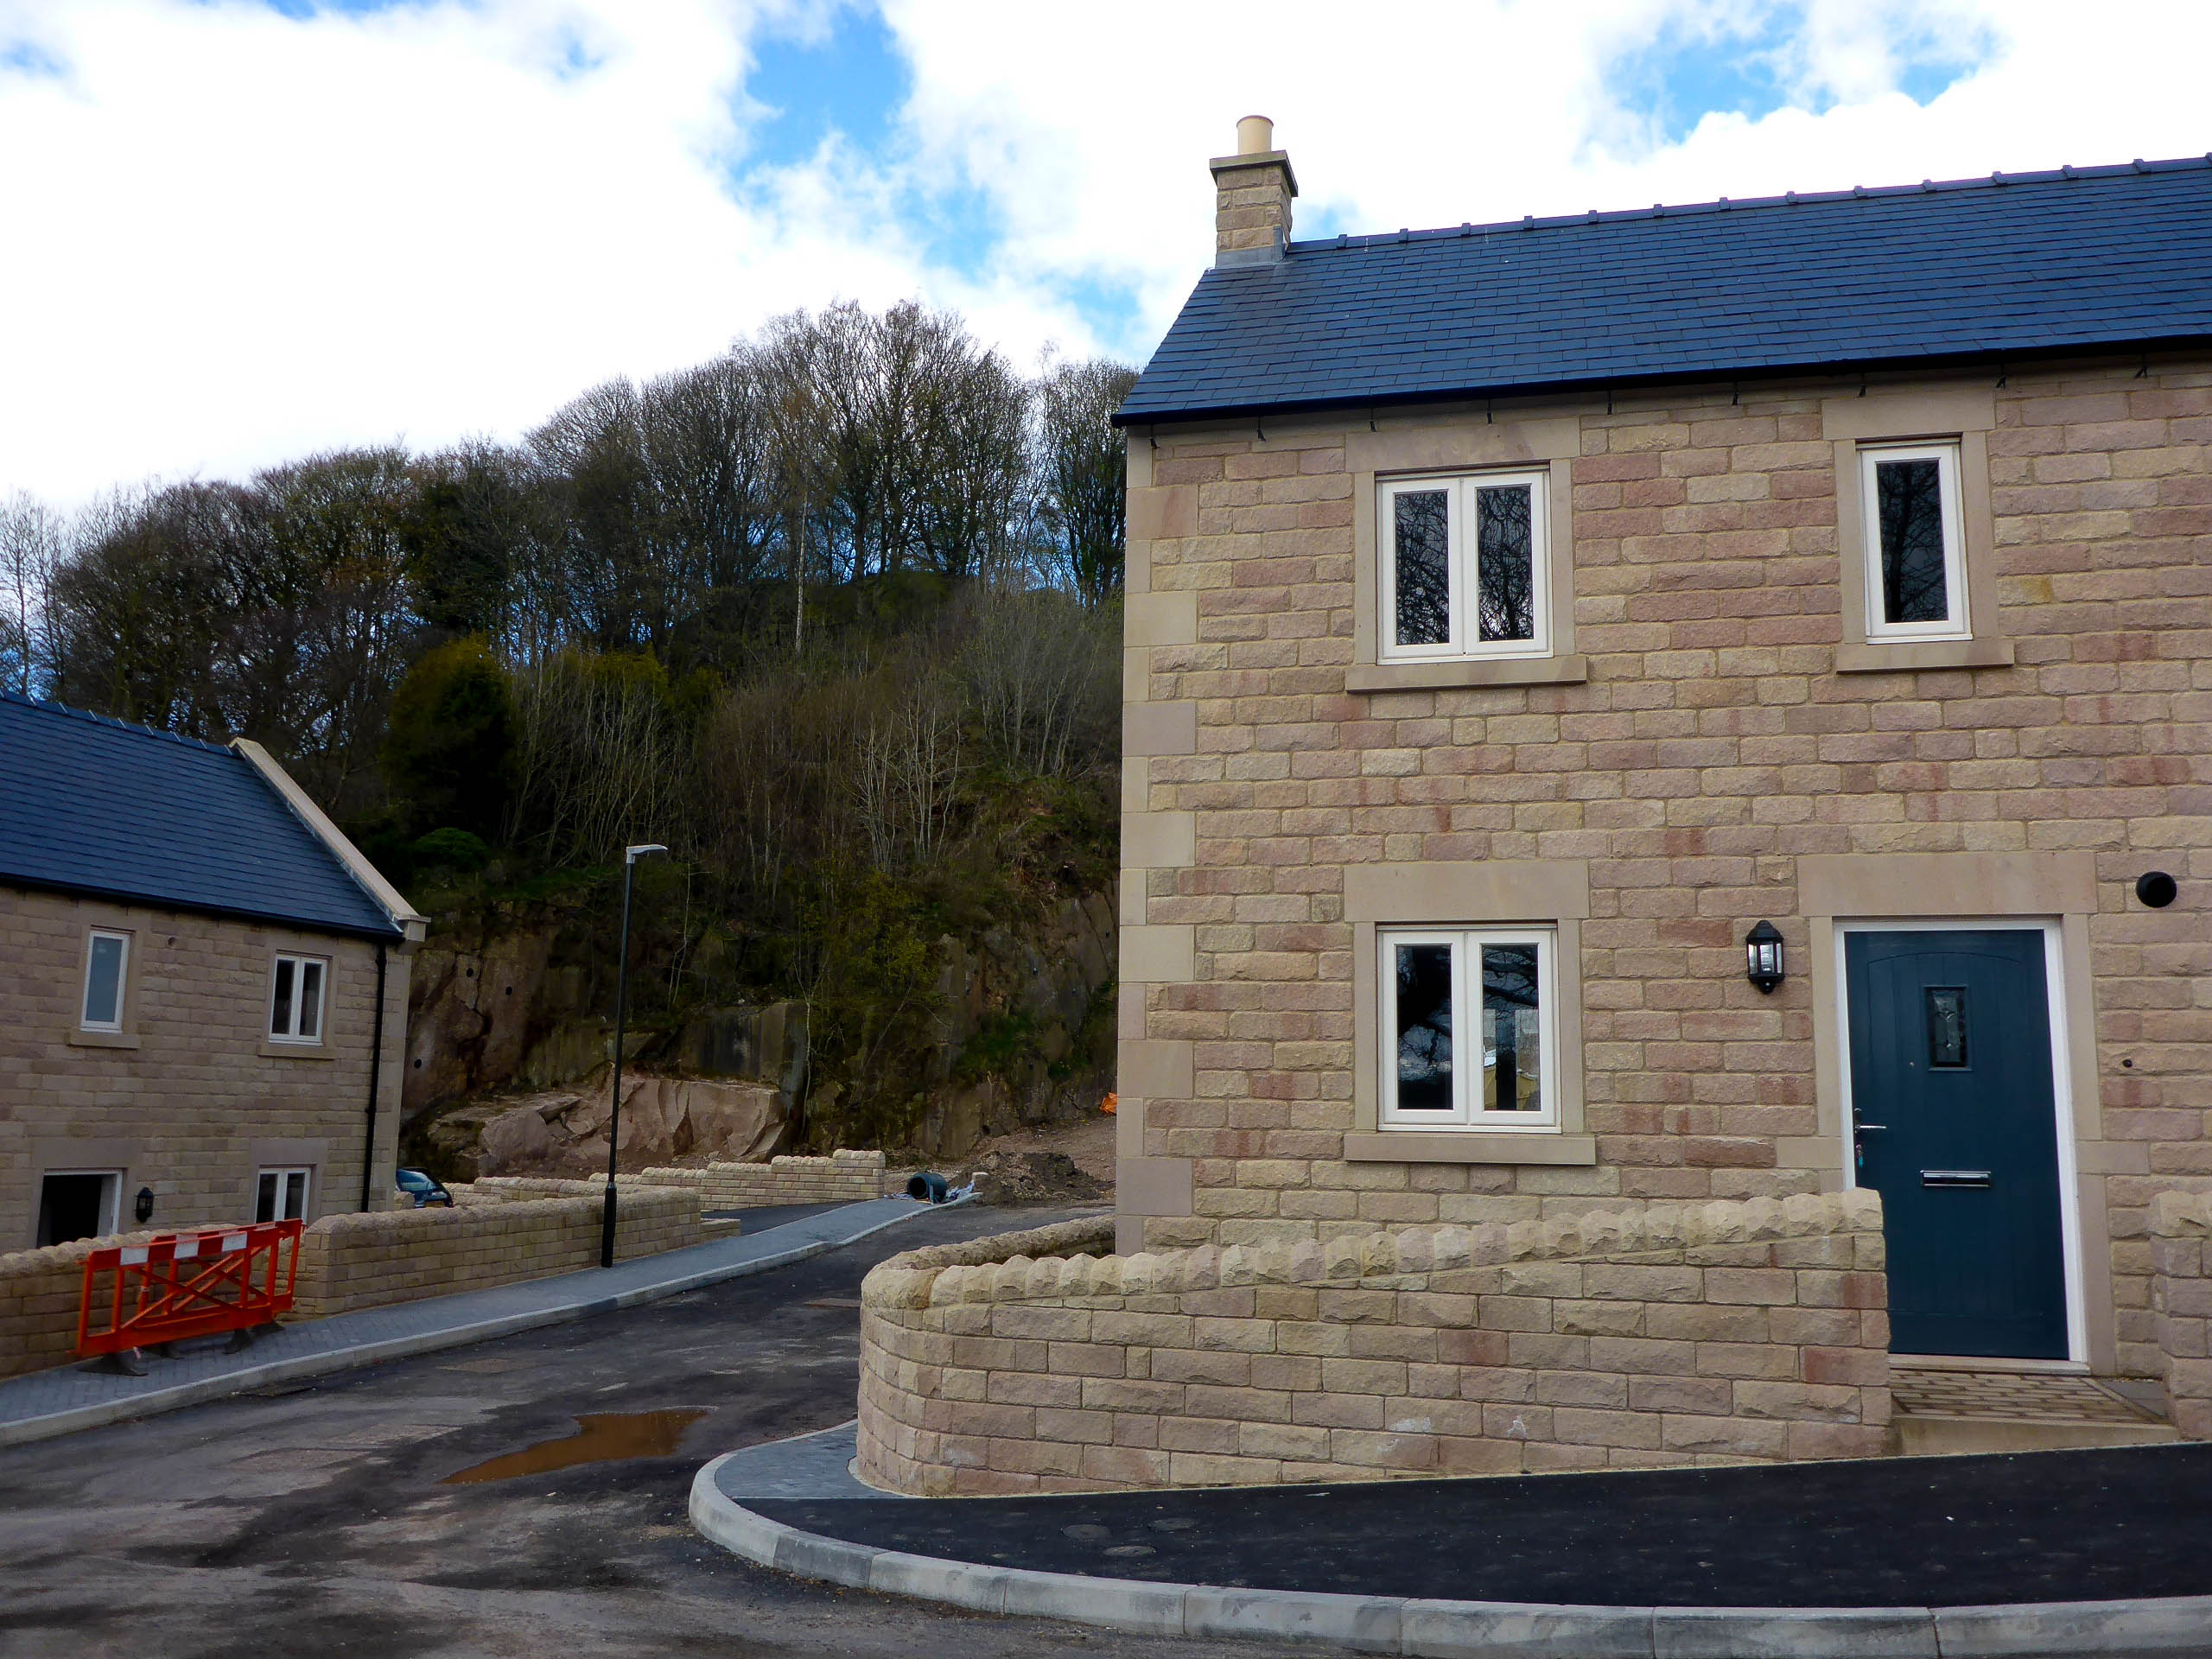 Barton Hill Derbsyhire